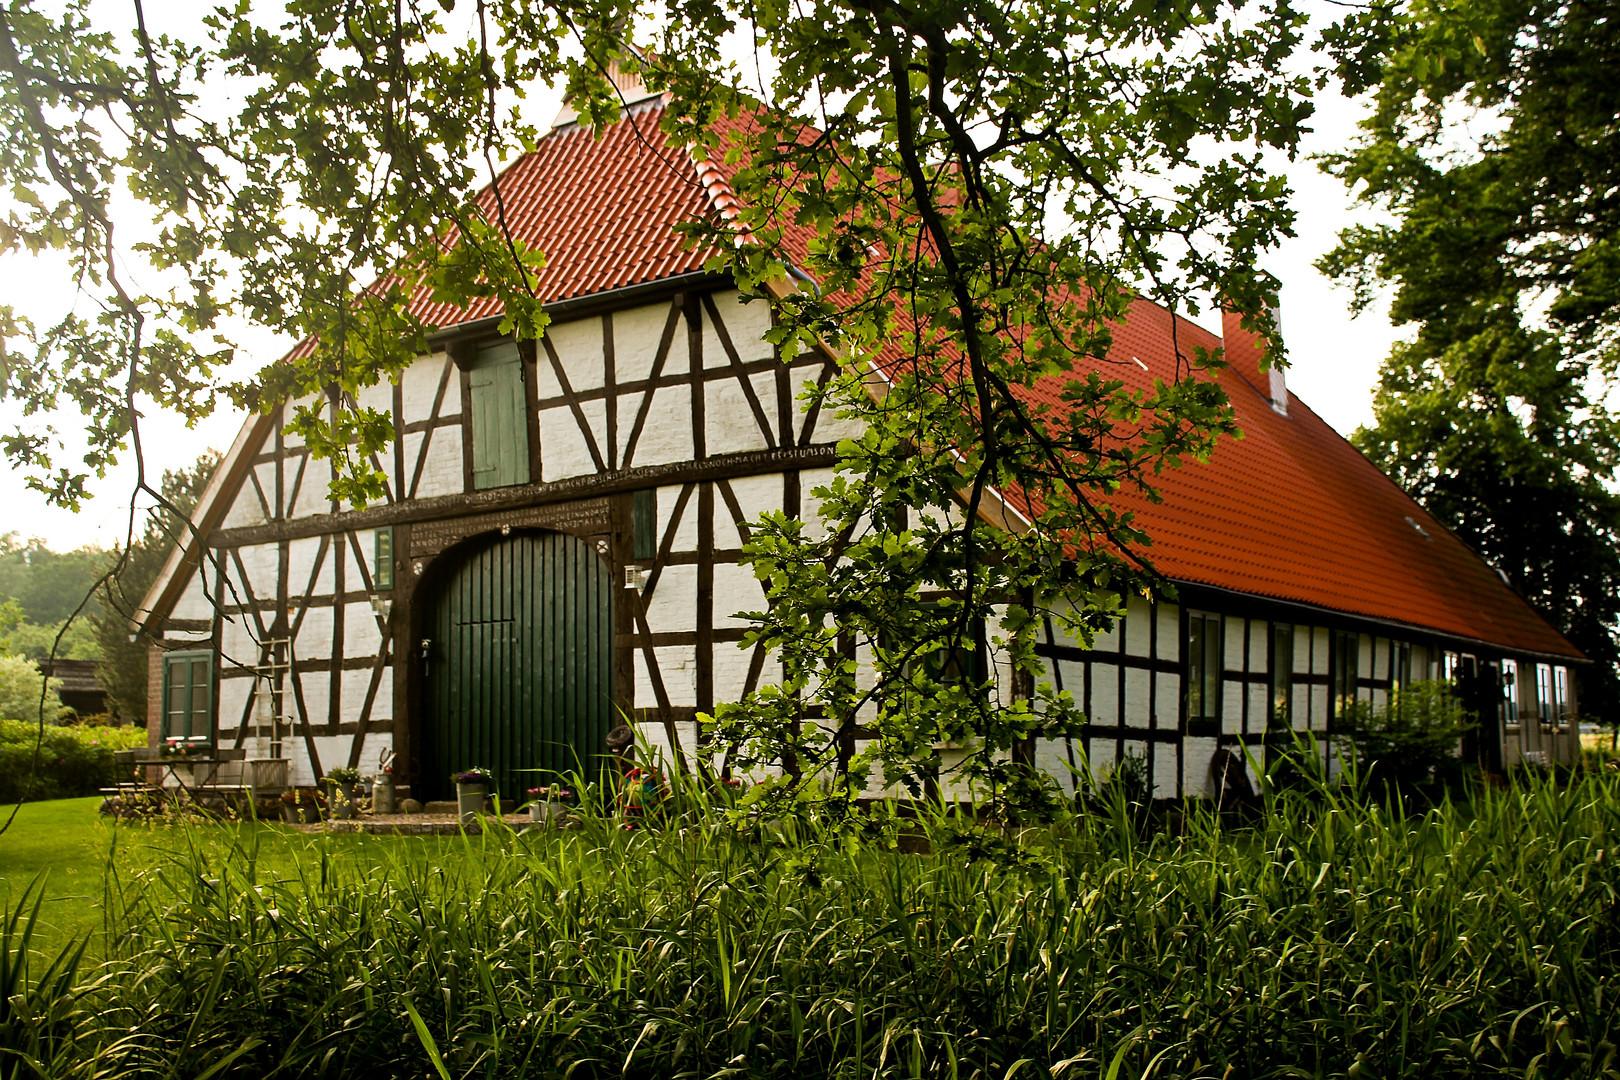 Bauernhaus .....